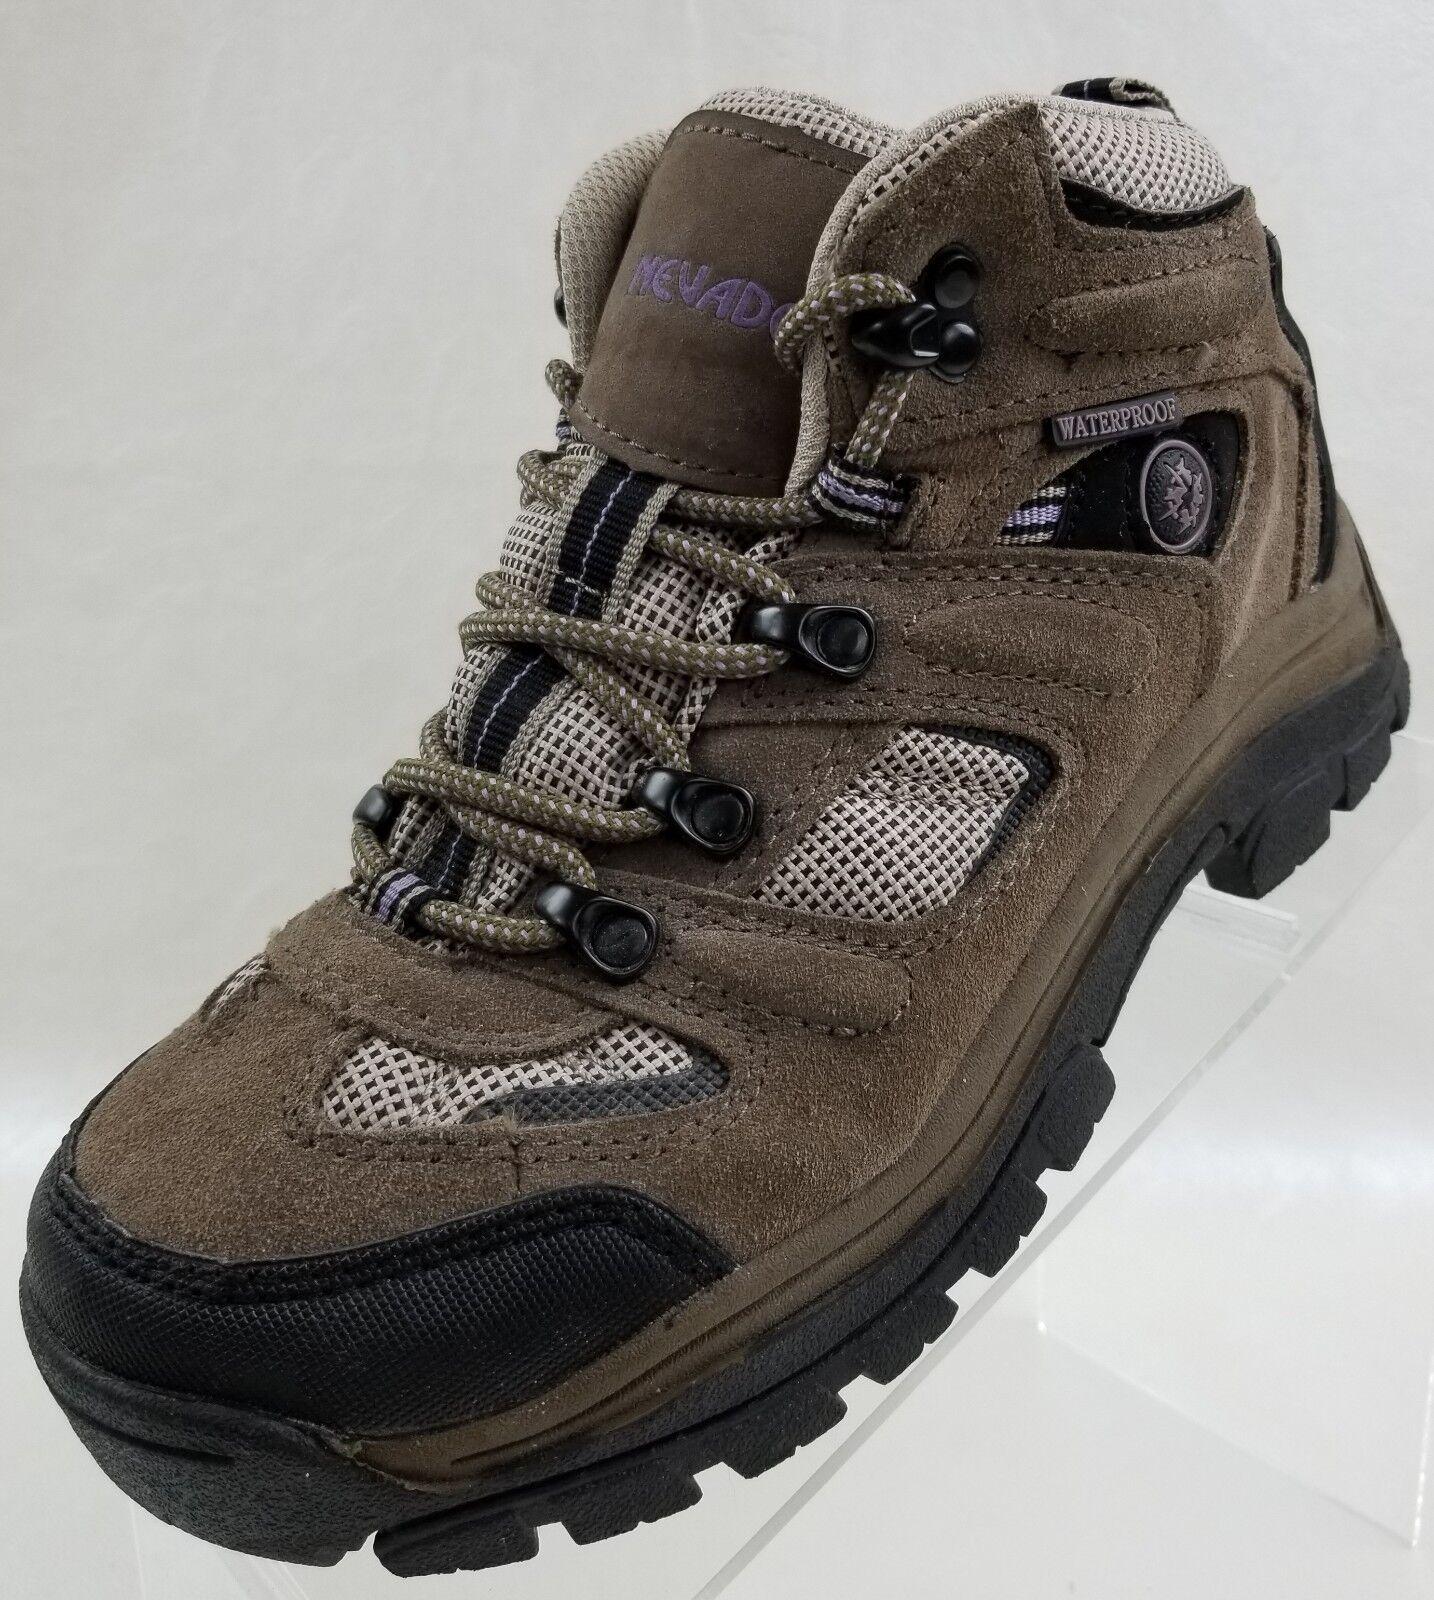 Nevados Bottines Klondike Imperméable Randonnée Taupe Lacets Chaussures sz 6.5